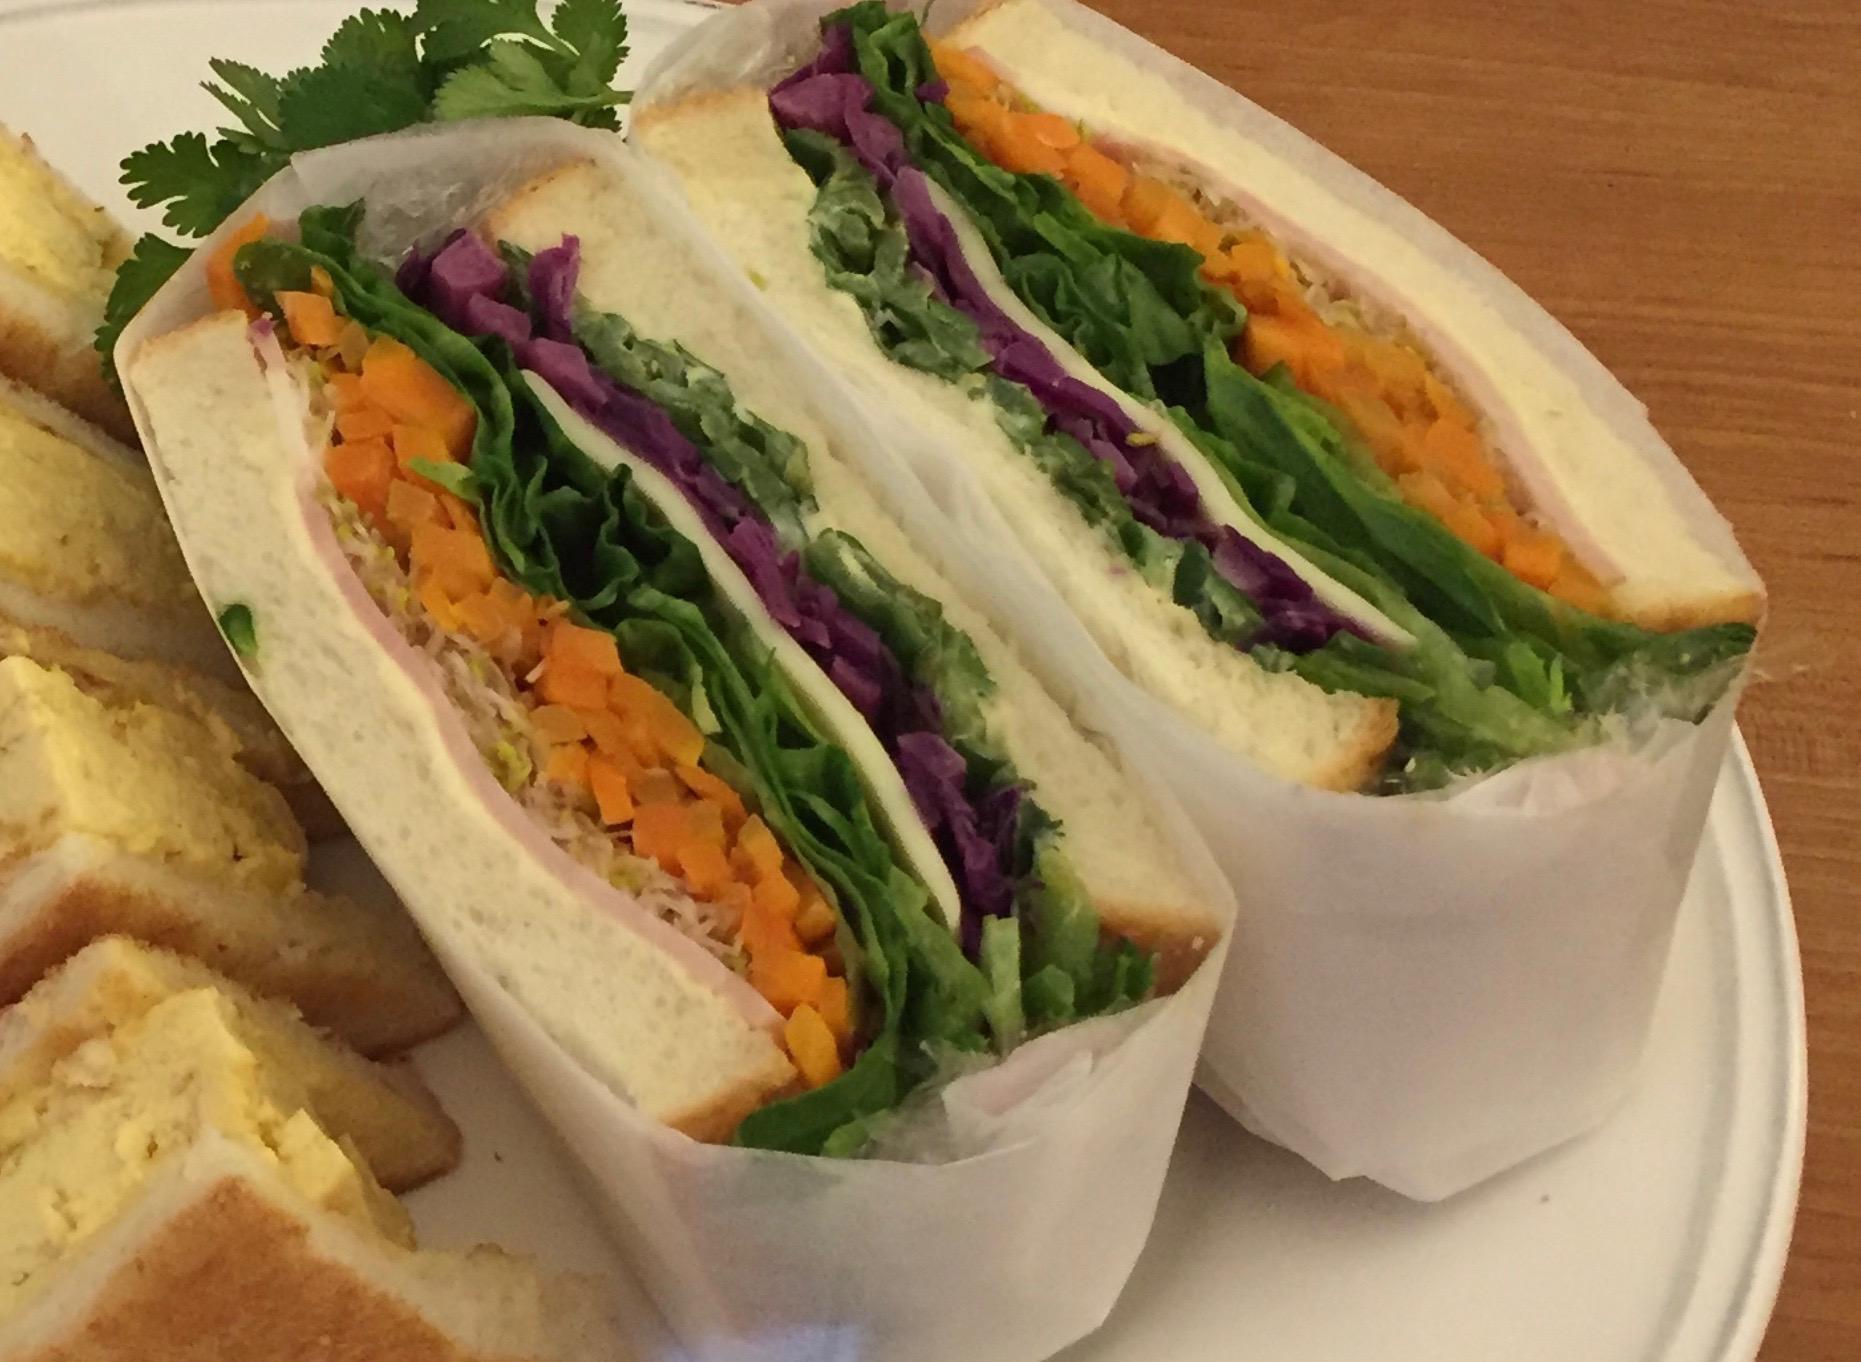 お野菜たっぷり!!ビジュアルサンドイッチ